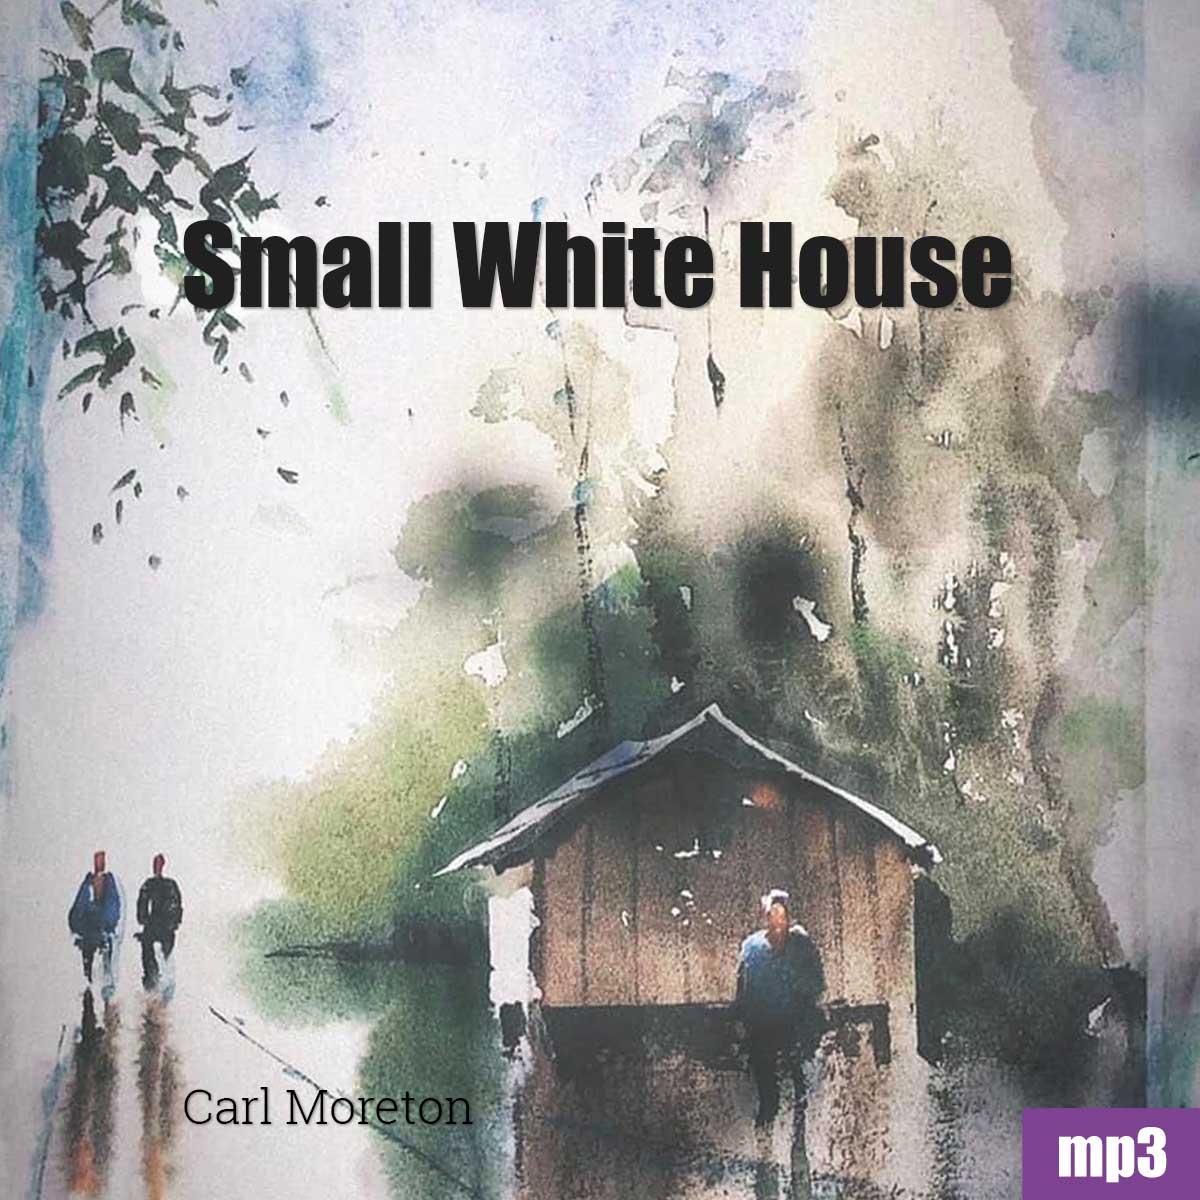 Carl Moreton Small White House Album Cover MP3 Download